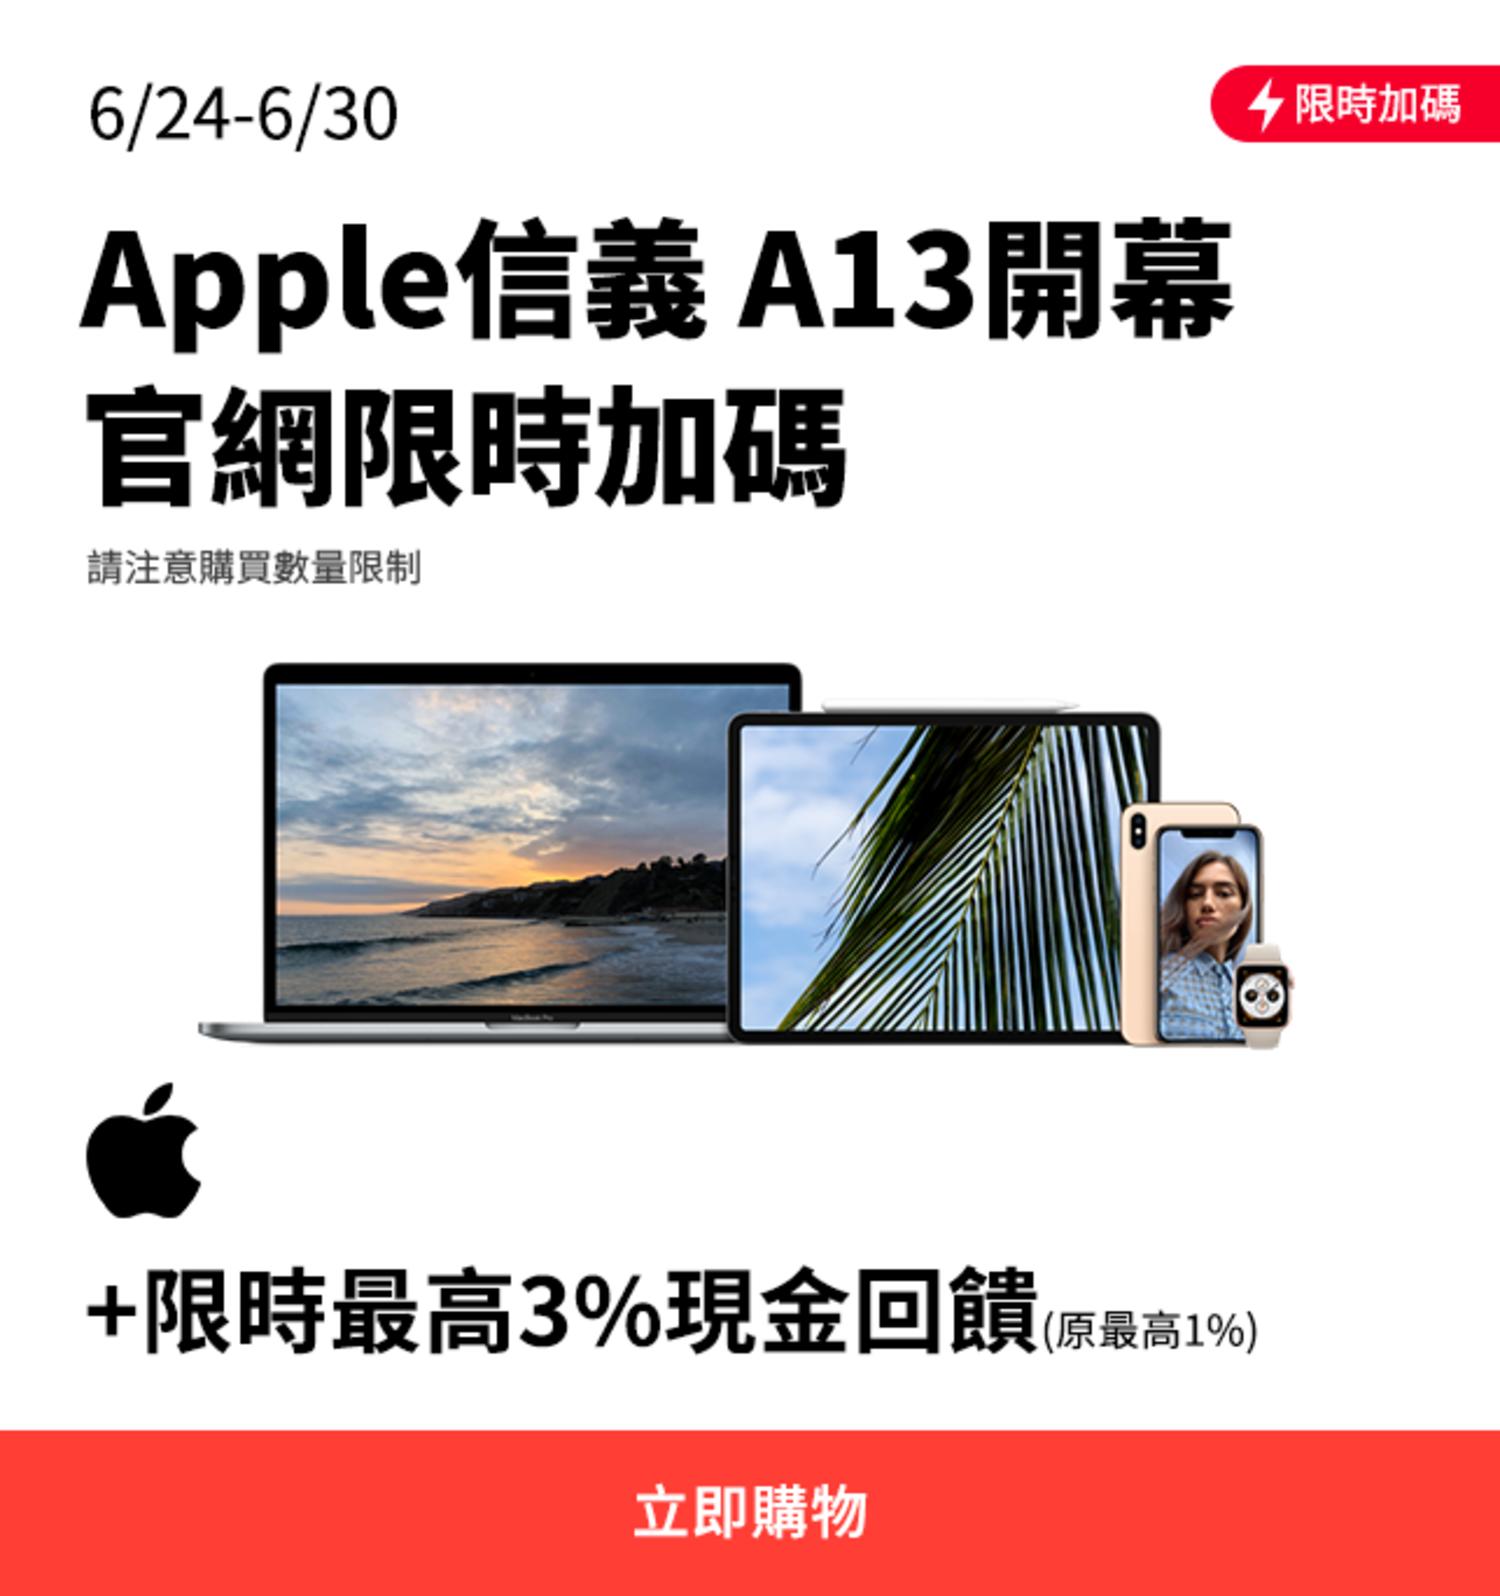 Apple 加碼 0624-0630